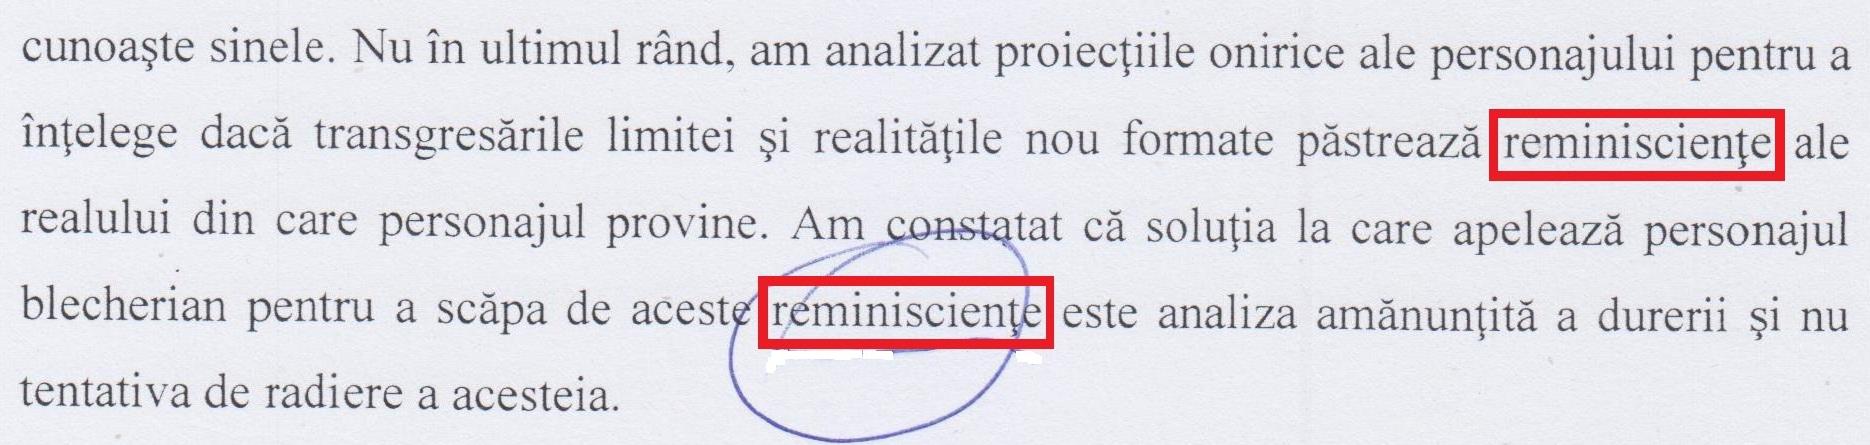 """Cuvântul """"reminisciențe"""" este scris eronat de două ori pe aceeași pagină, deci este exclusă posibilitatea unei justificări puerile din partea doctorei-filologe, dovedindu-se astfel că madam Ciobotaru habar nu are cum se scrie/ pronunță corect cuvântul reminiscențe!!!"""